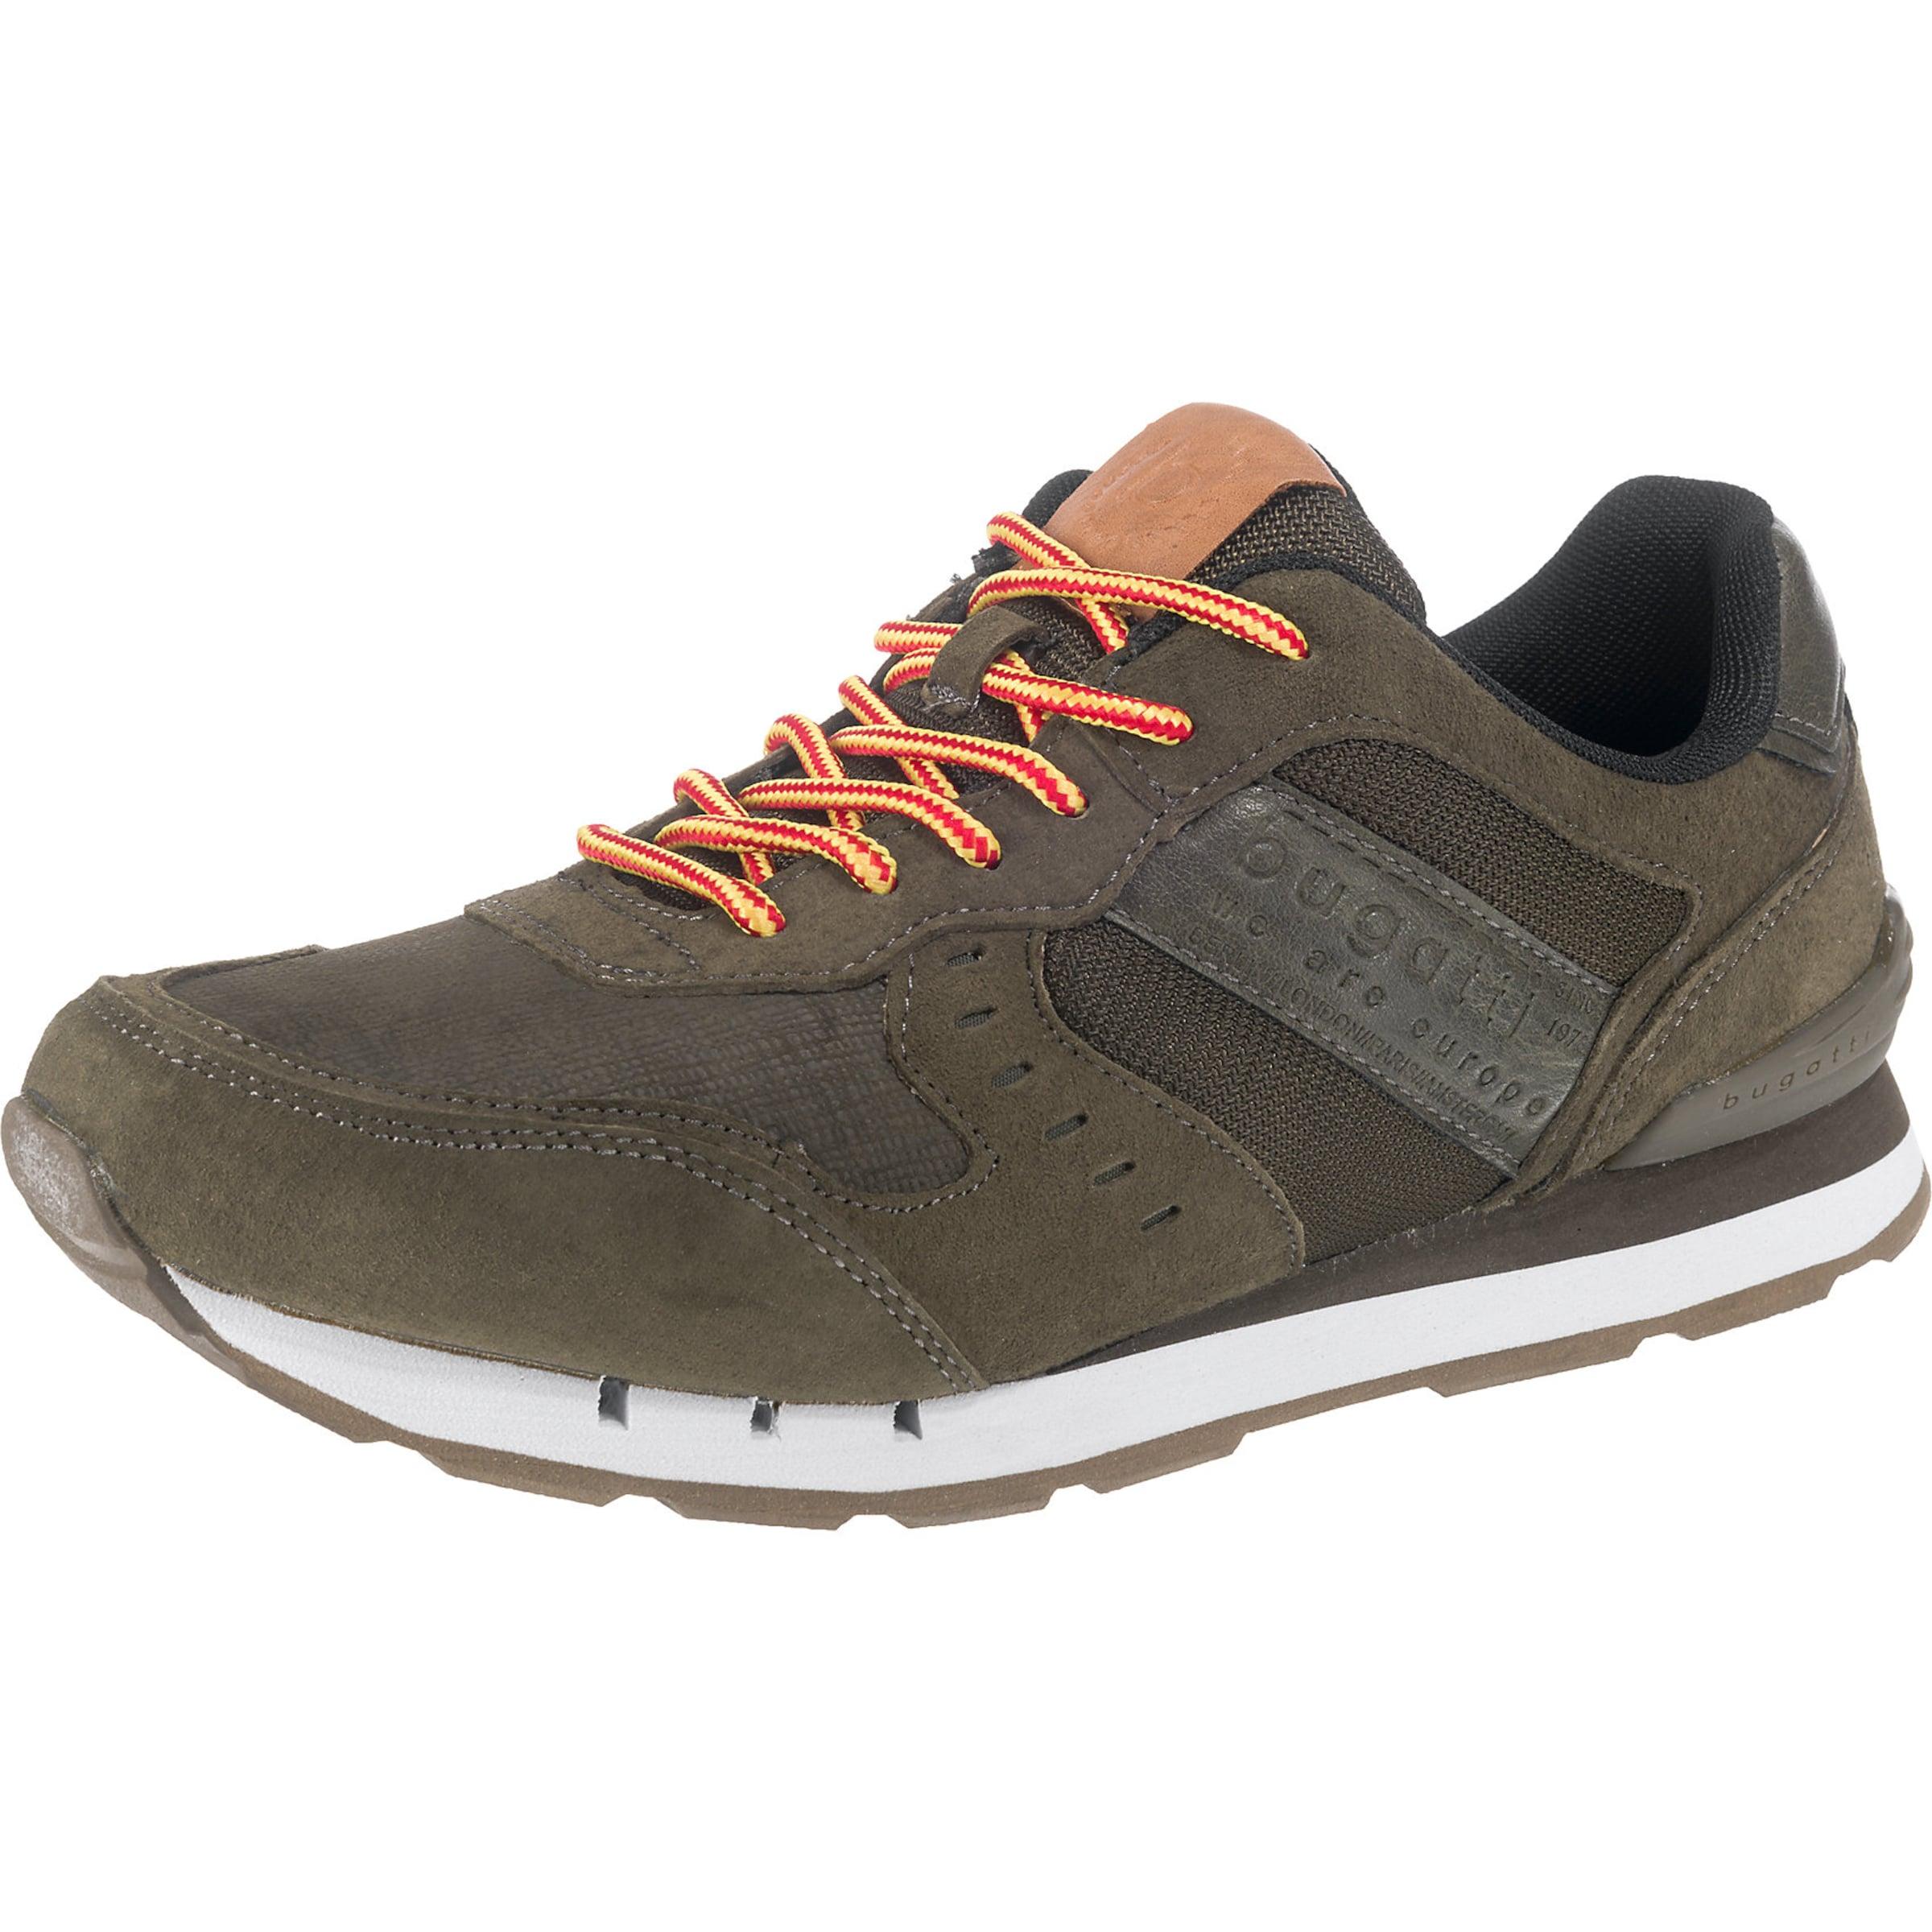 bugatti Sneakers Verschleißfeste billige Schuhe Hohe Qualität